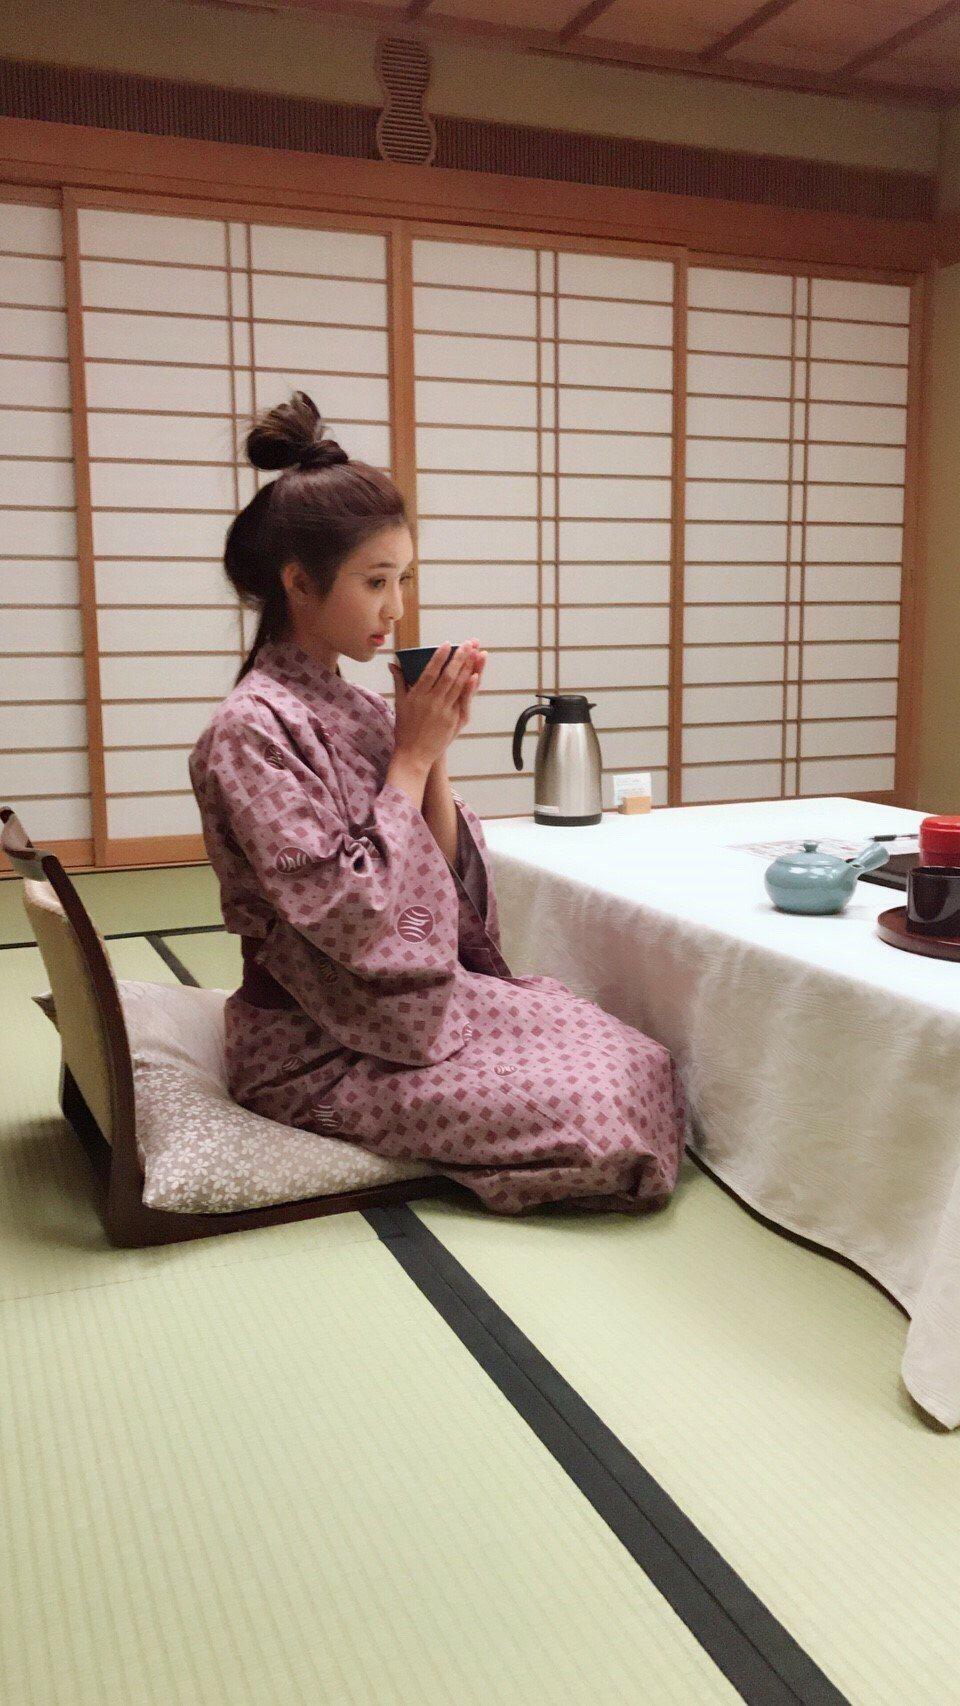 安于晴赴日度假,住溫泉飯店享受泡湯樂、穿浴衣喝茶。圖/奧瑪優勢傳媒提供